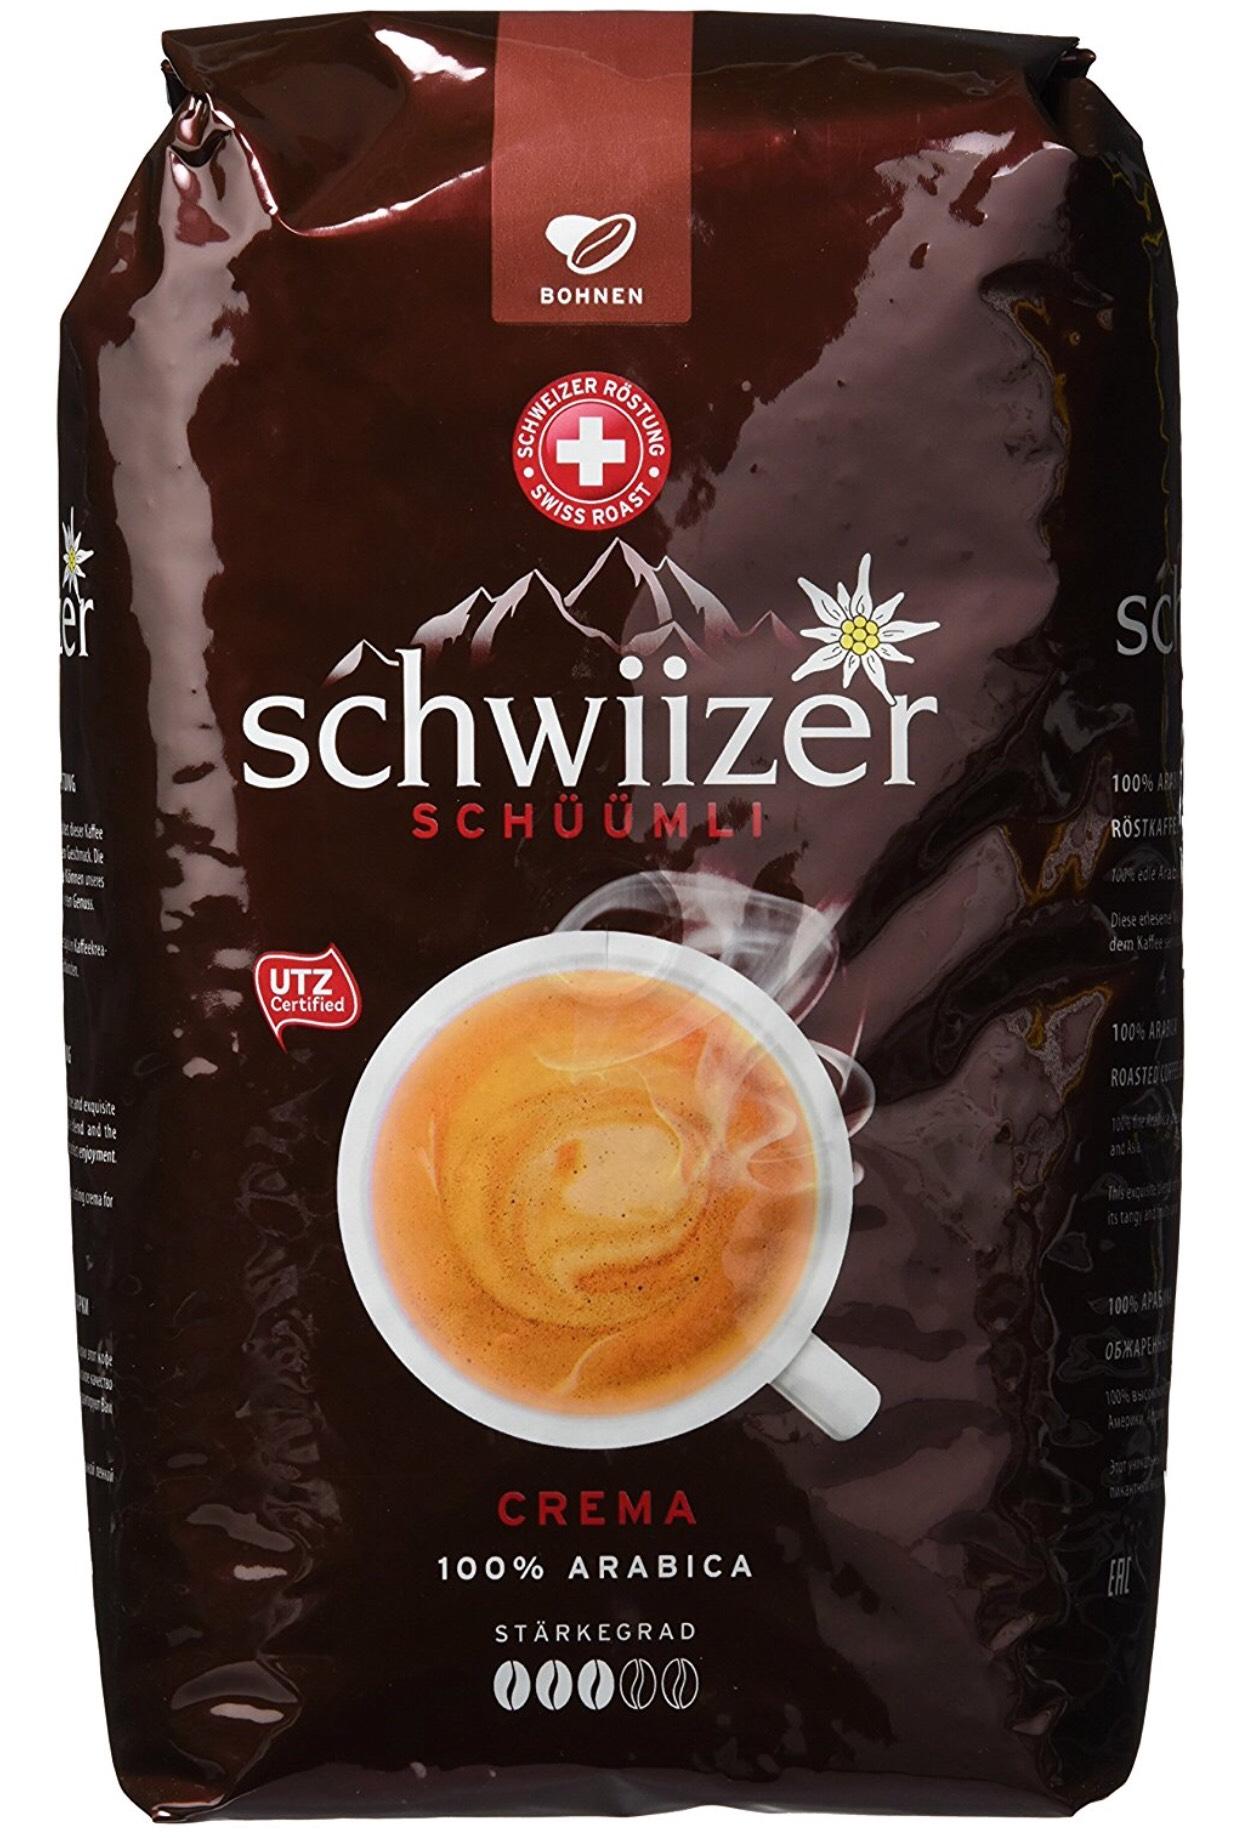 Schwiizer Schüümli Crema Ganze Kaffeebohnen 4 x 1kg) 8,75 eur/kg